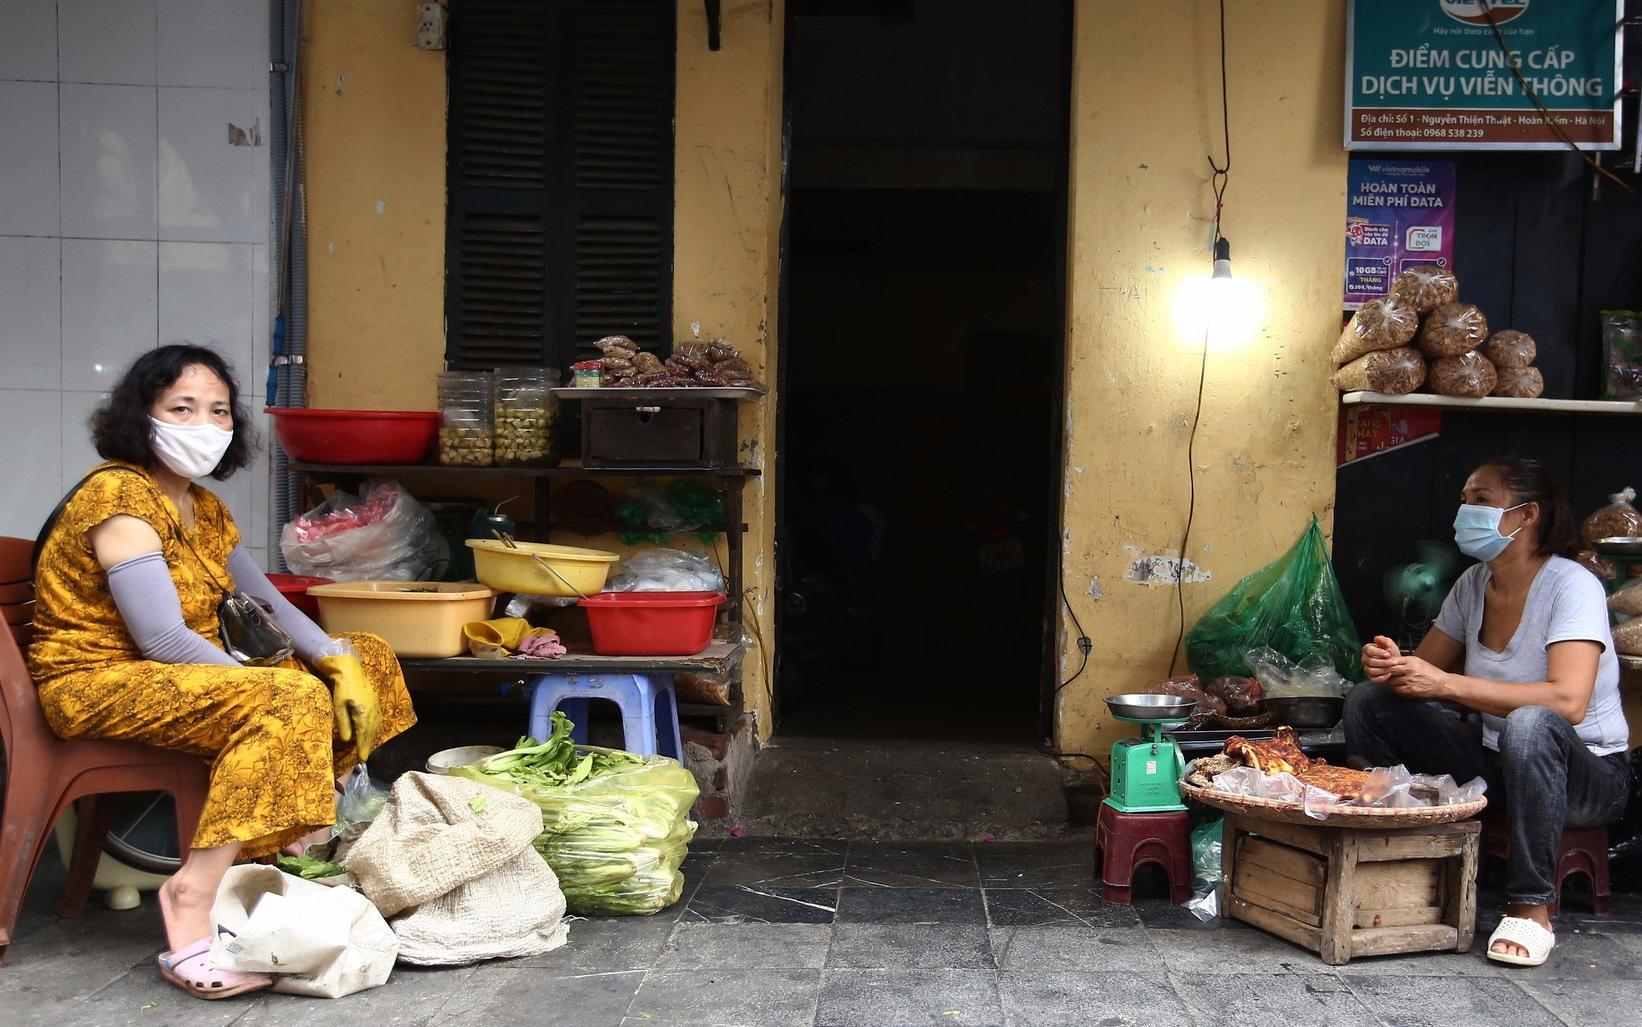 Áp dụng Chỉ thị 16 ở Hà Nội: Cả hai vợ chồng cùng đi ra chợ mua lương thực có bị xử phạt không?